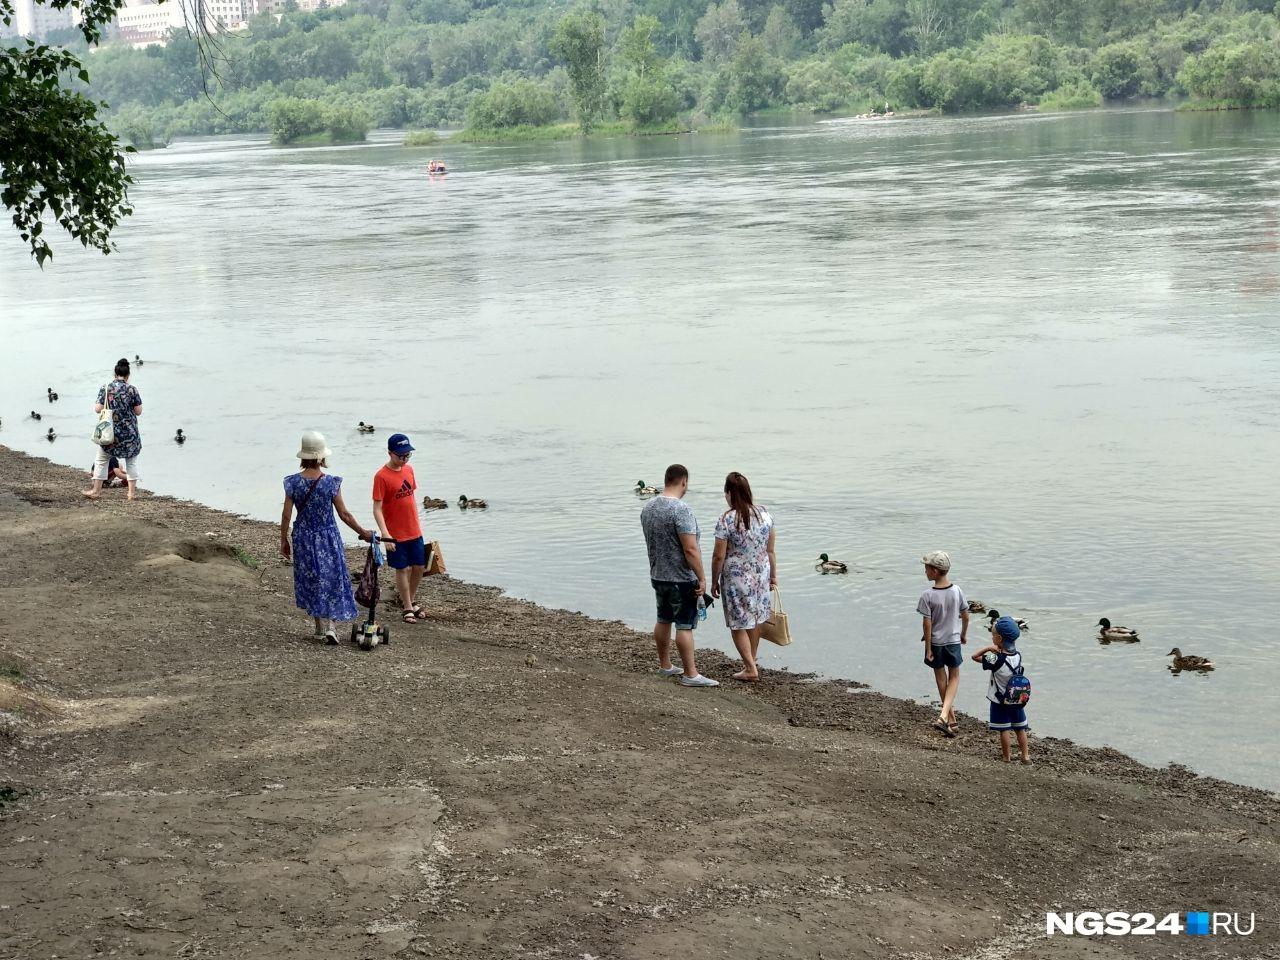 Тем, кто опасается жары, рекомендуем всё-таки приехать на Татышев и спуститься к реке. Здесь за почти 3 часа репортажа нашлось самое прохладное место!